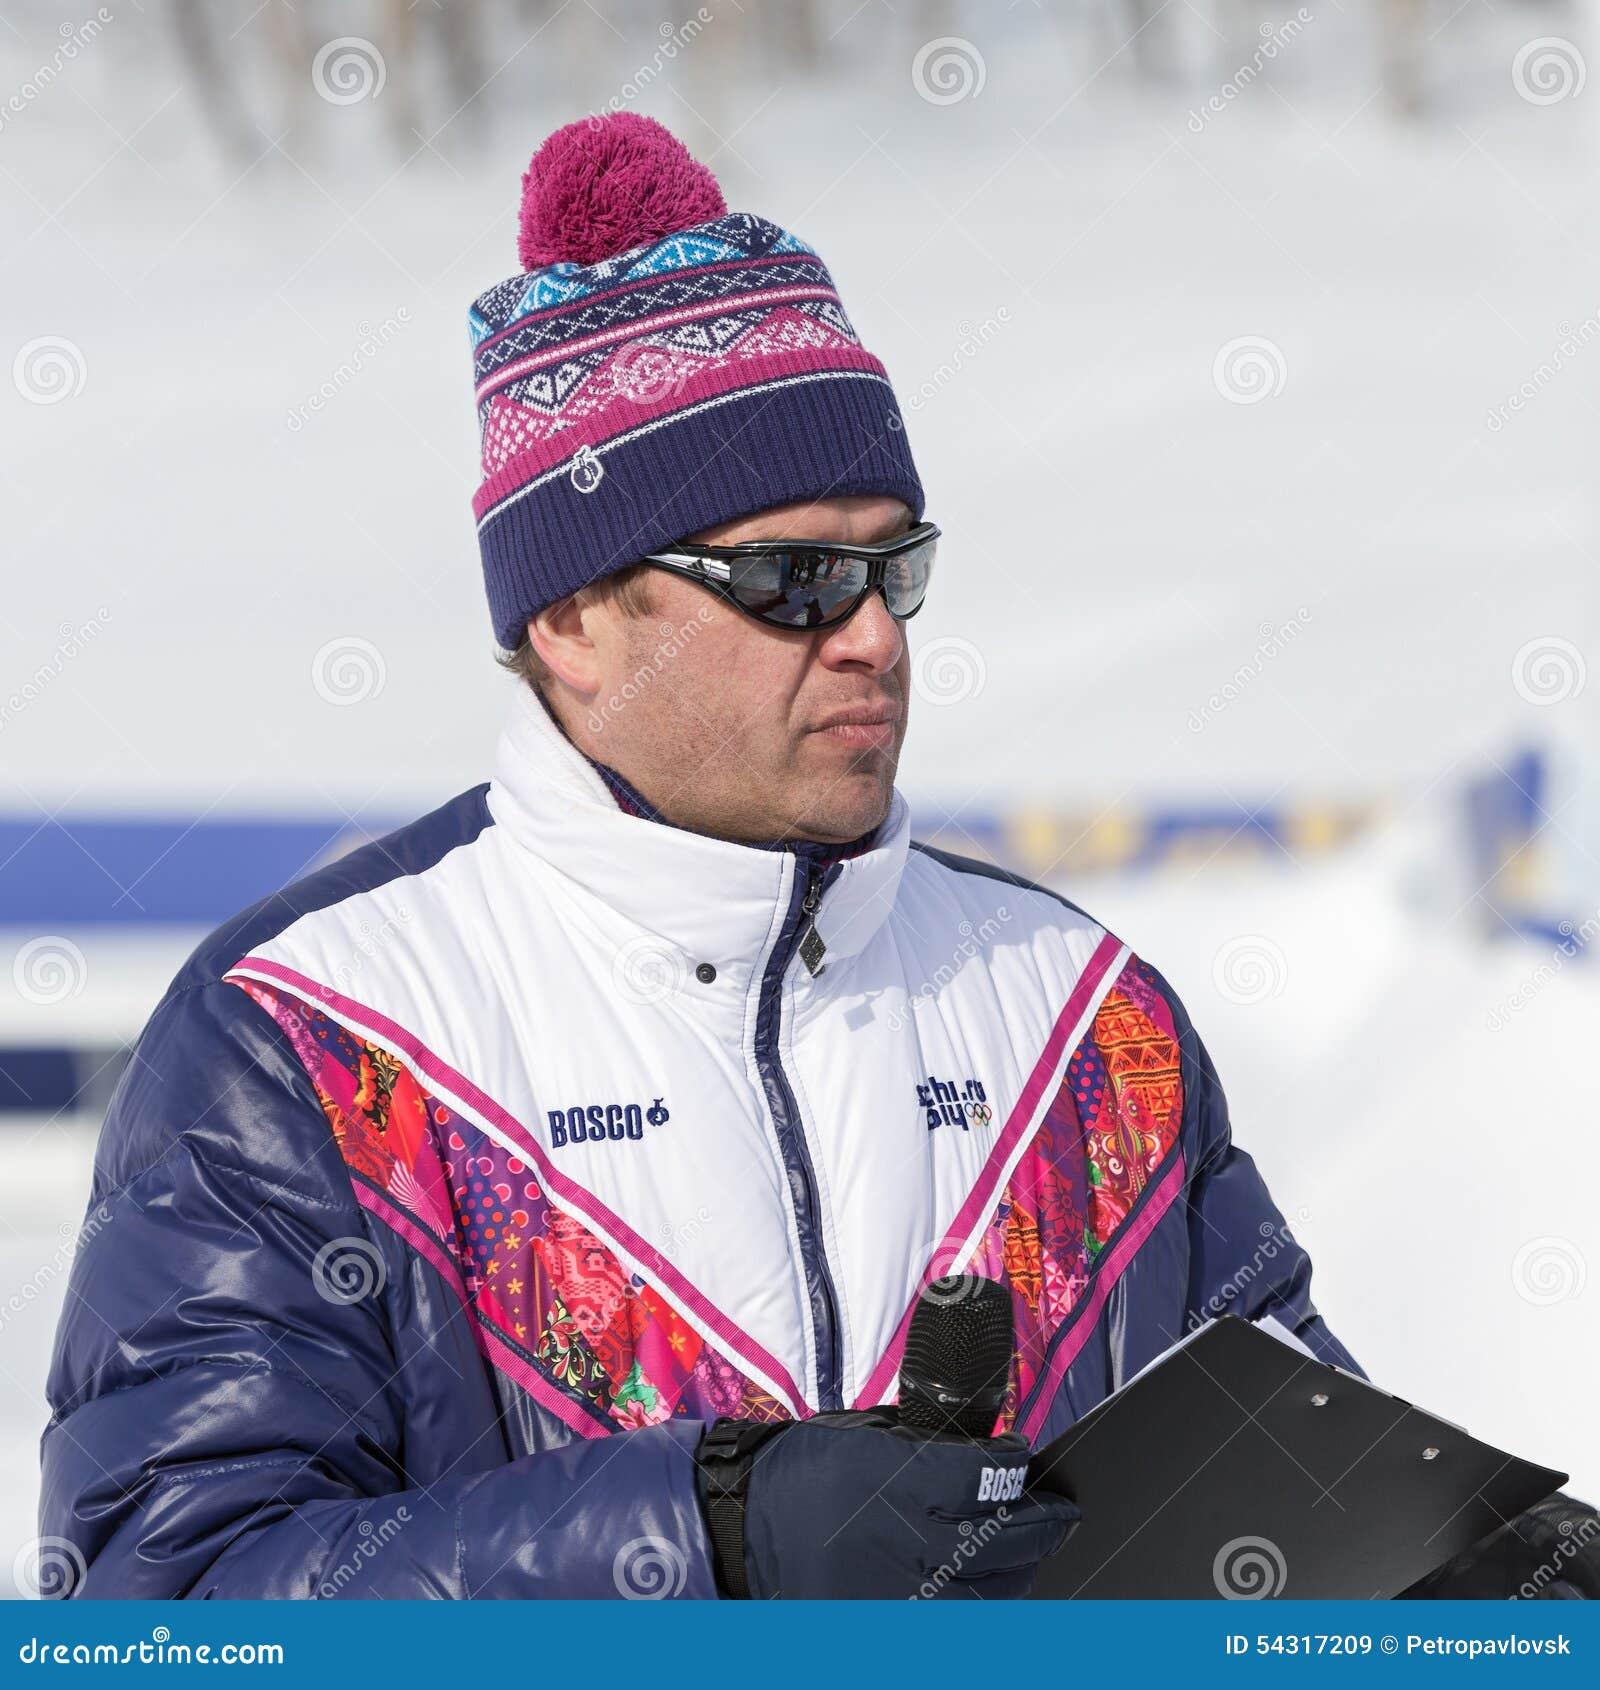 Guberniev Dmitry - presentador ruso de la TV, comentarista de los deportes